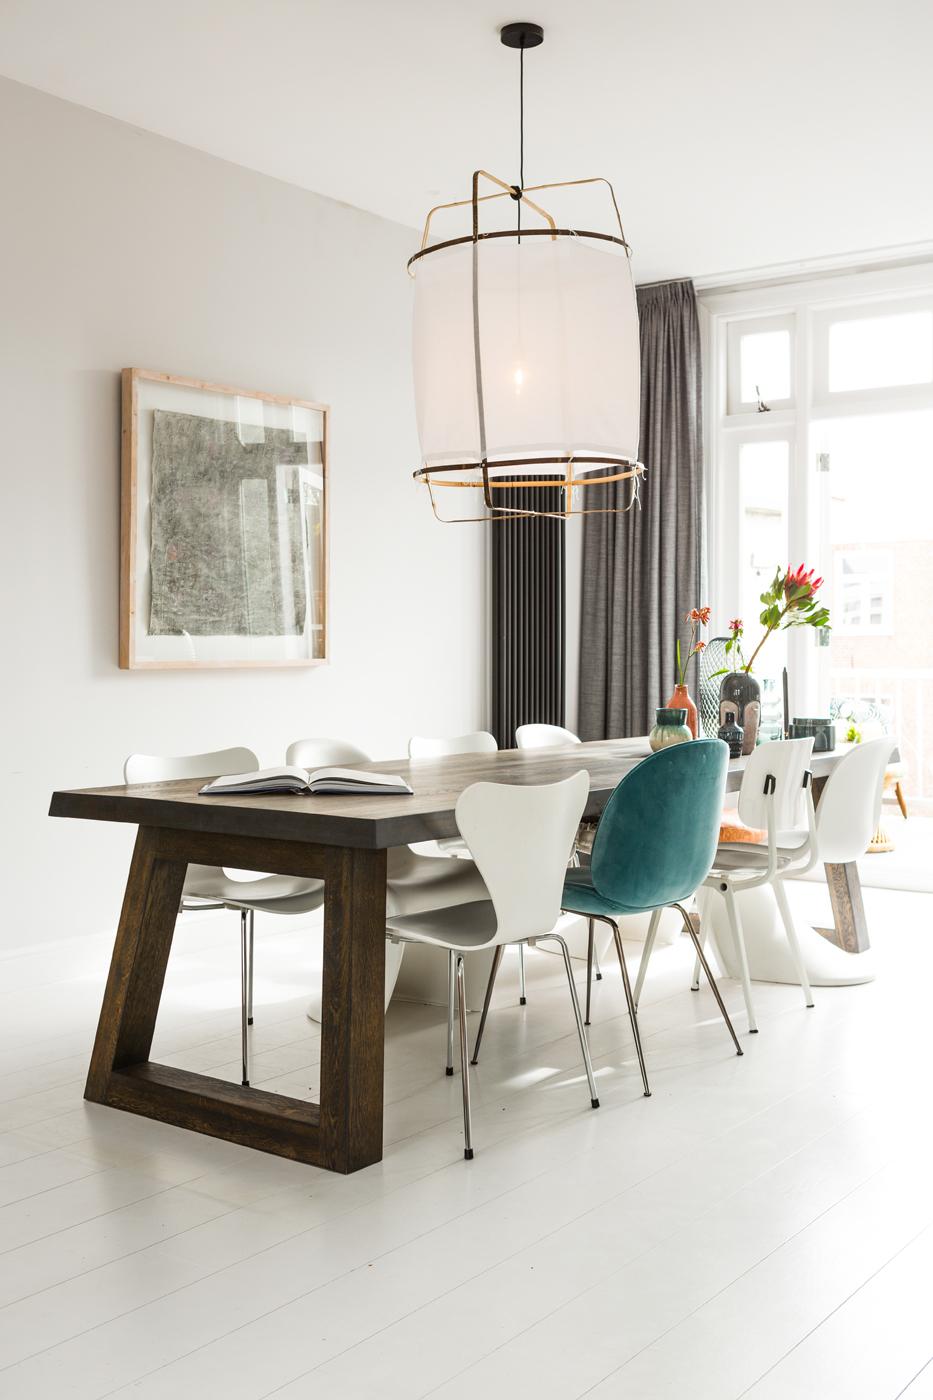 tafel met boek, meerdere soorten stoelen, plantje op tafel, groot raam en schilderij aan muur